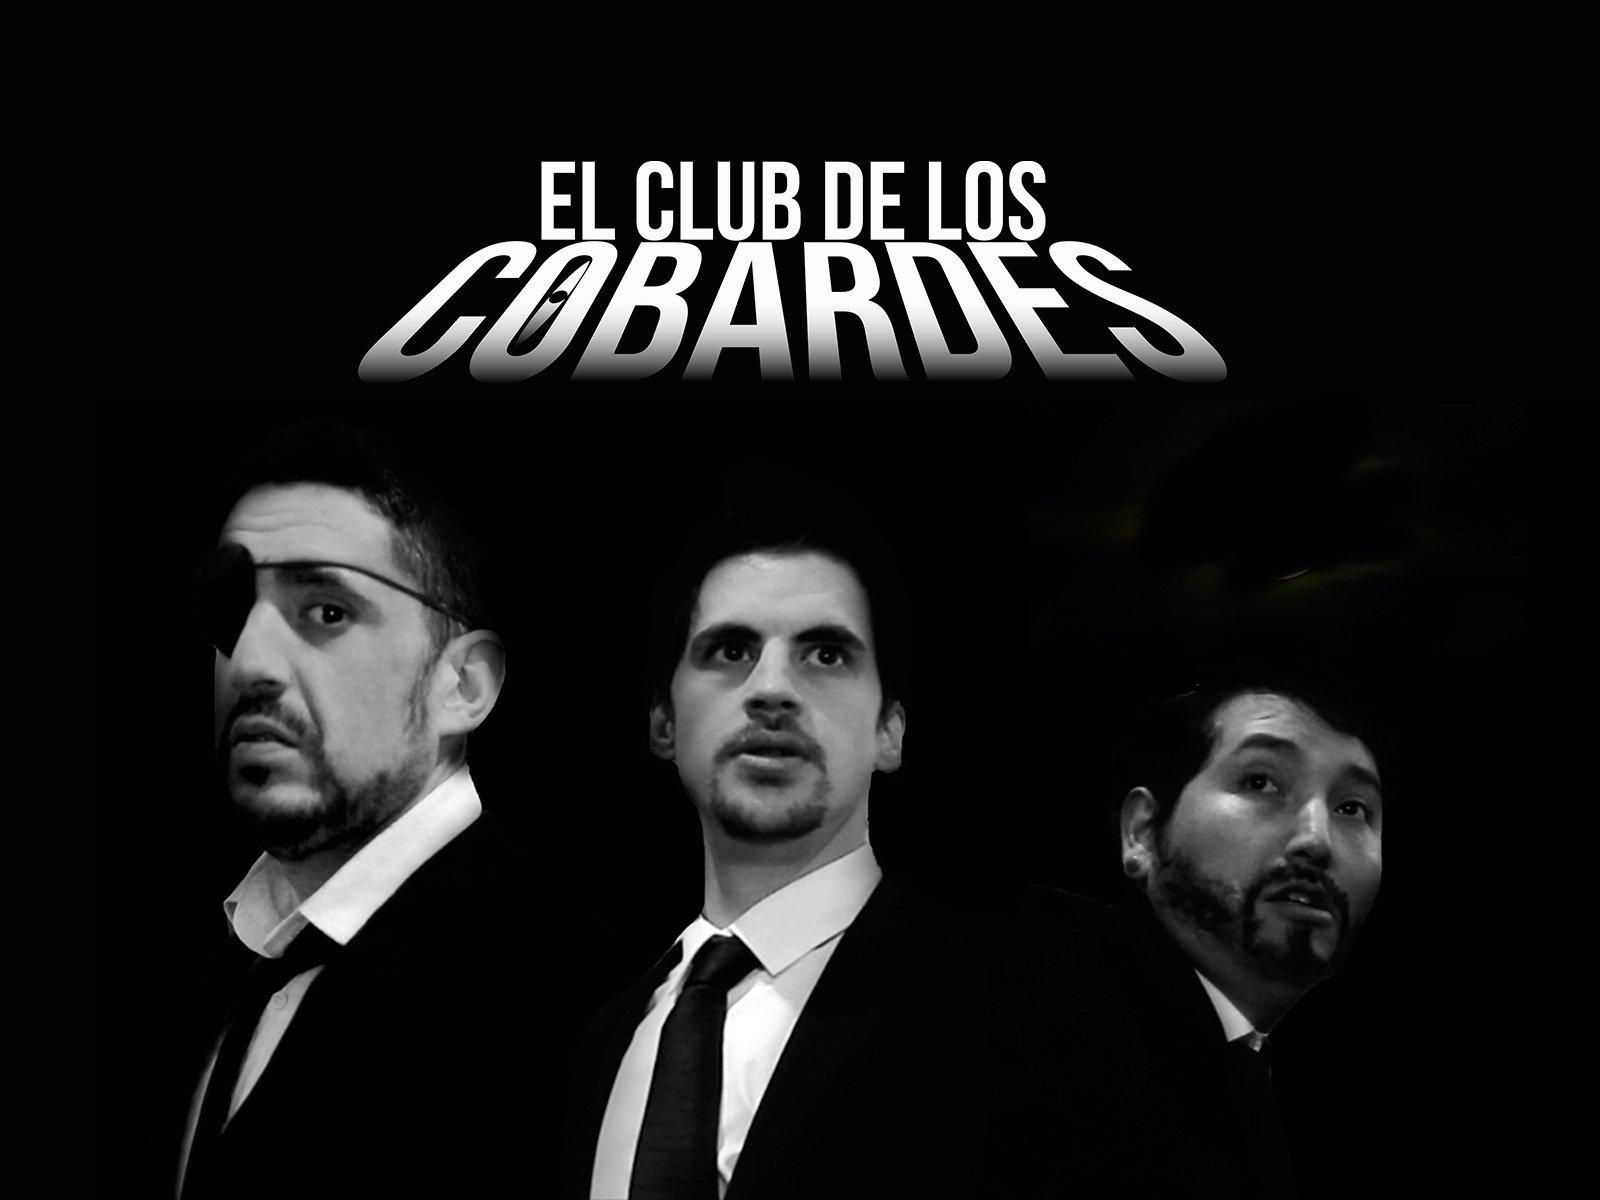 El club de los cobardes - Season 1